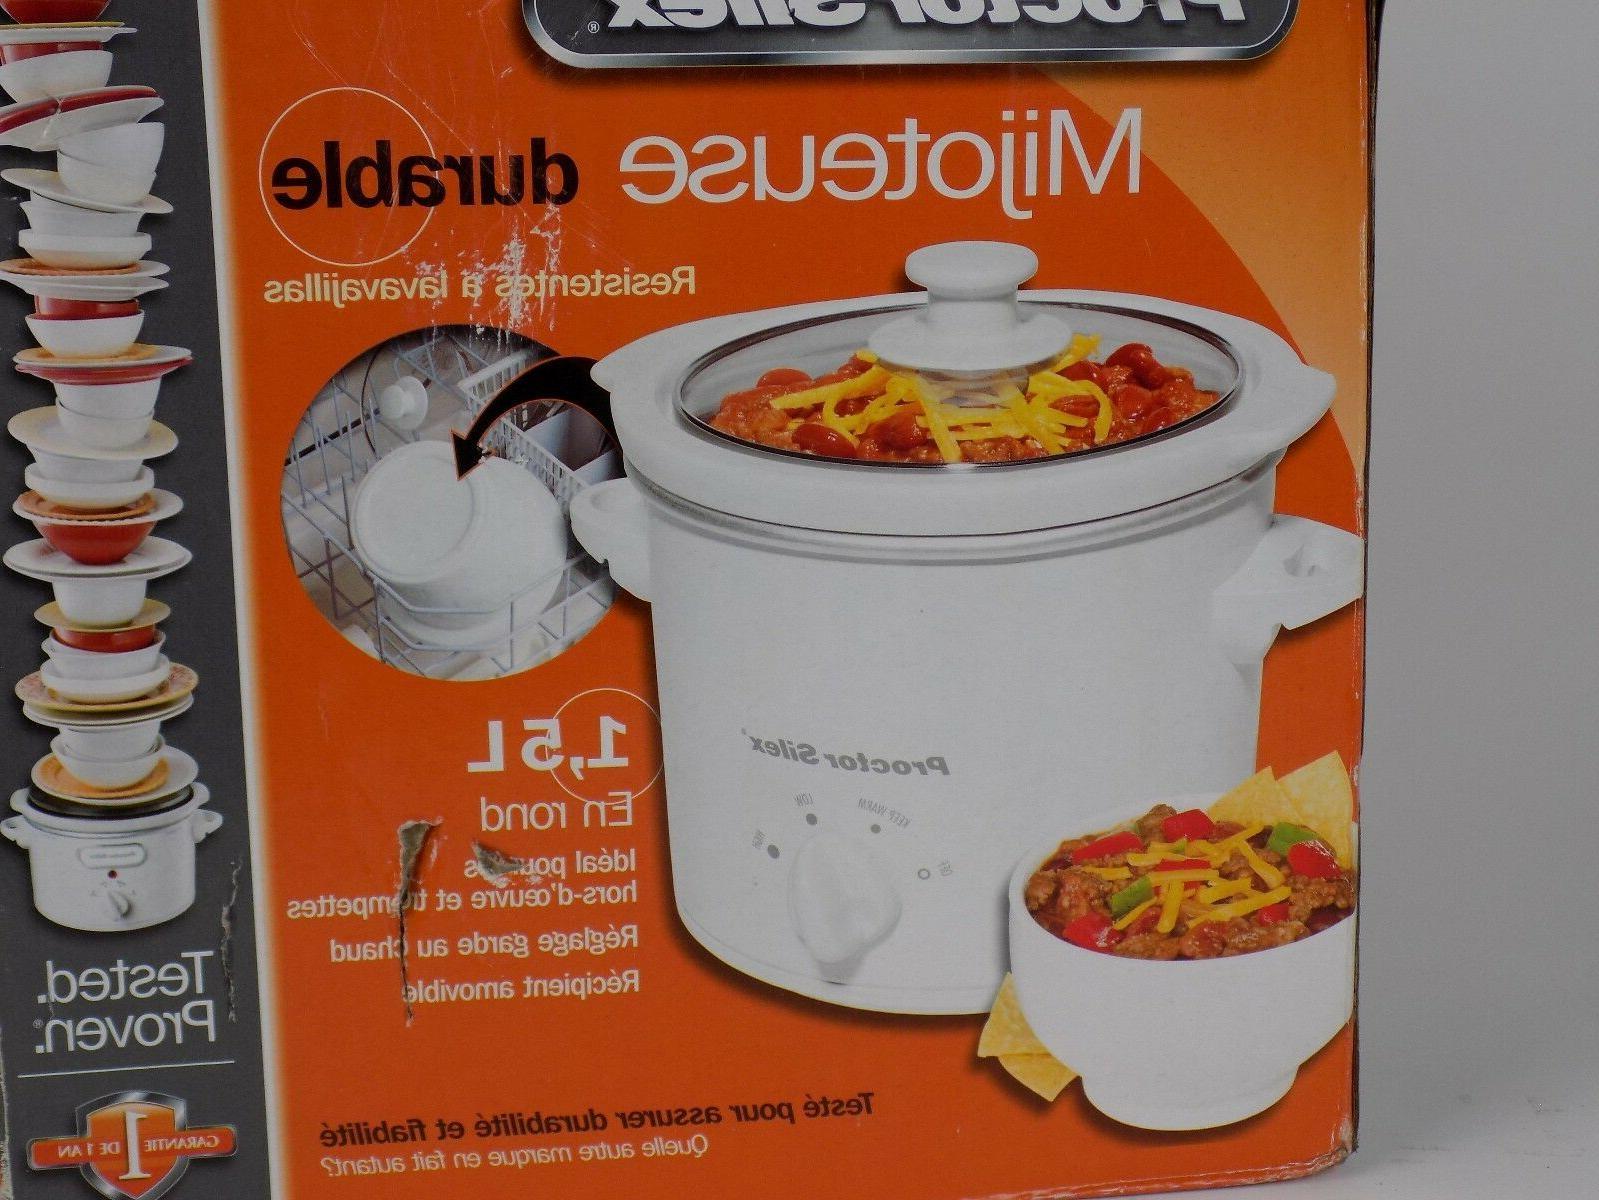 1.5 Round Proctor Silex Cooker Cooker